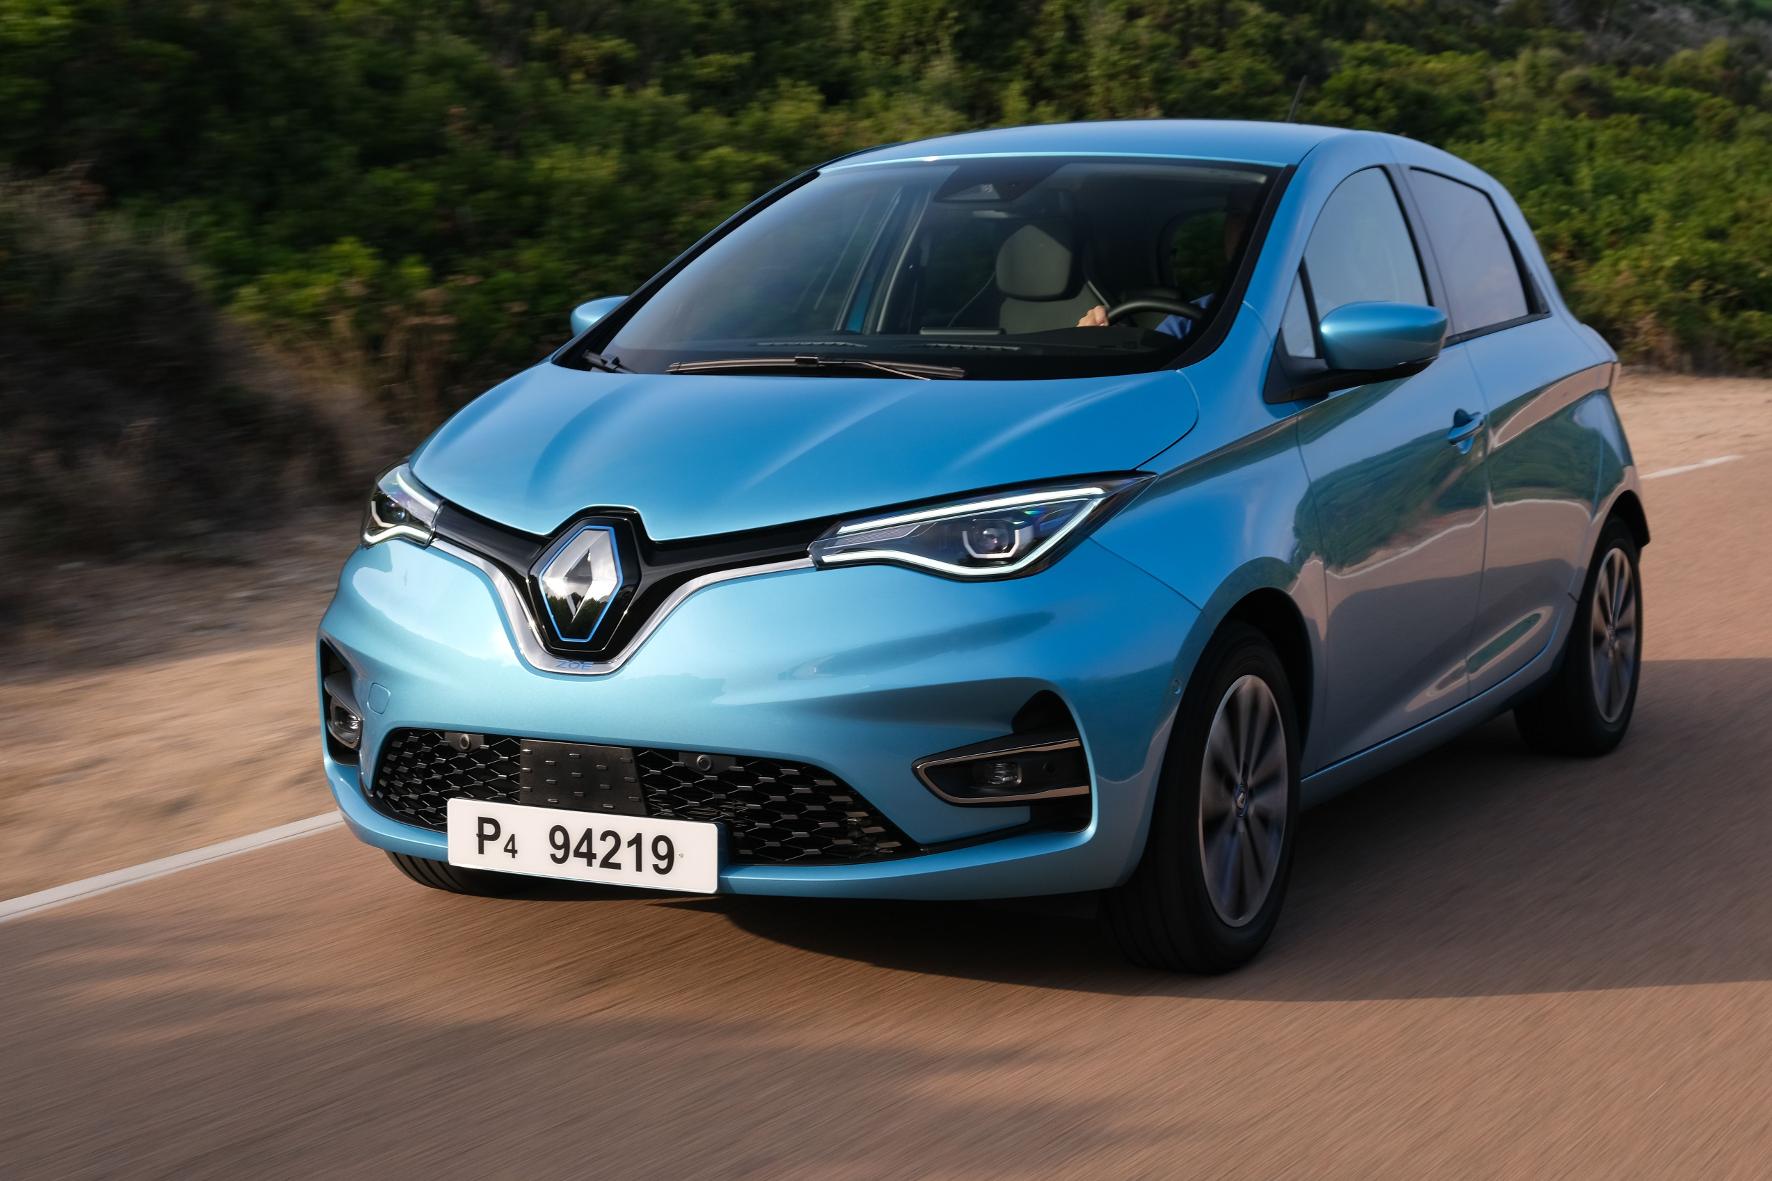 mid Groß-Gerau - Den neuen Renault Zoe gibt es dank erhöhter E-Prämie jetzt ab 15.330 Euro. Renault